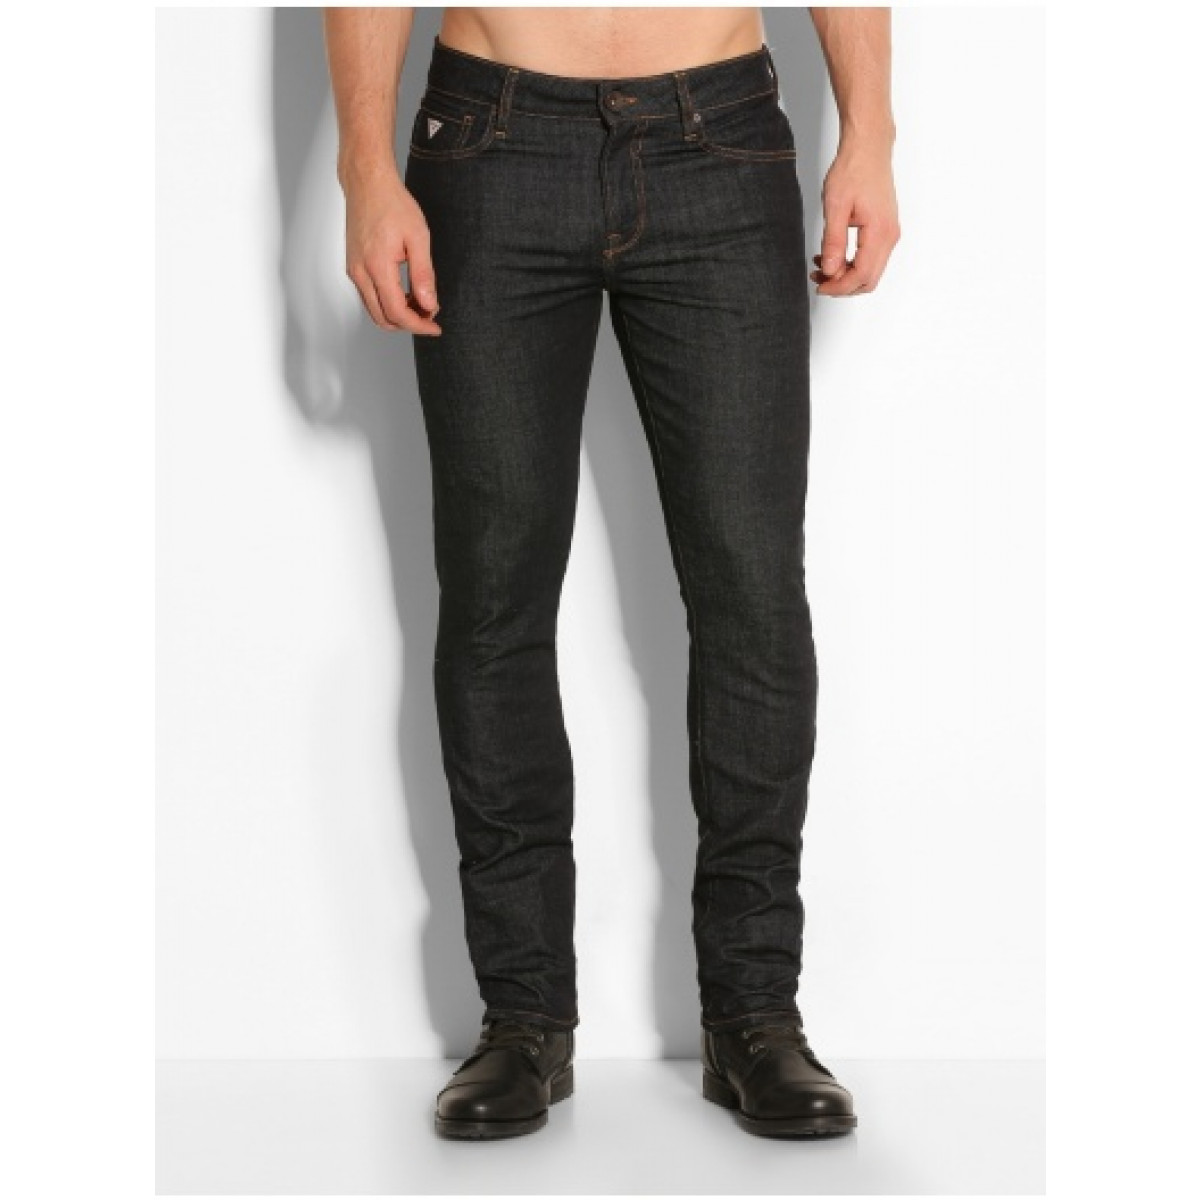 brand new 52923 43a9e GUESS - Jeans 5 tasche - MAN - Gruppo CAT Shop Online